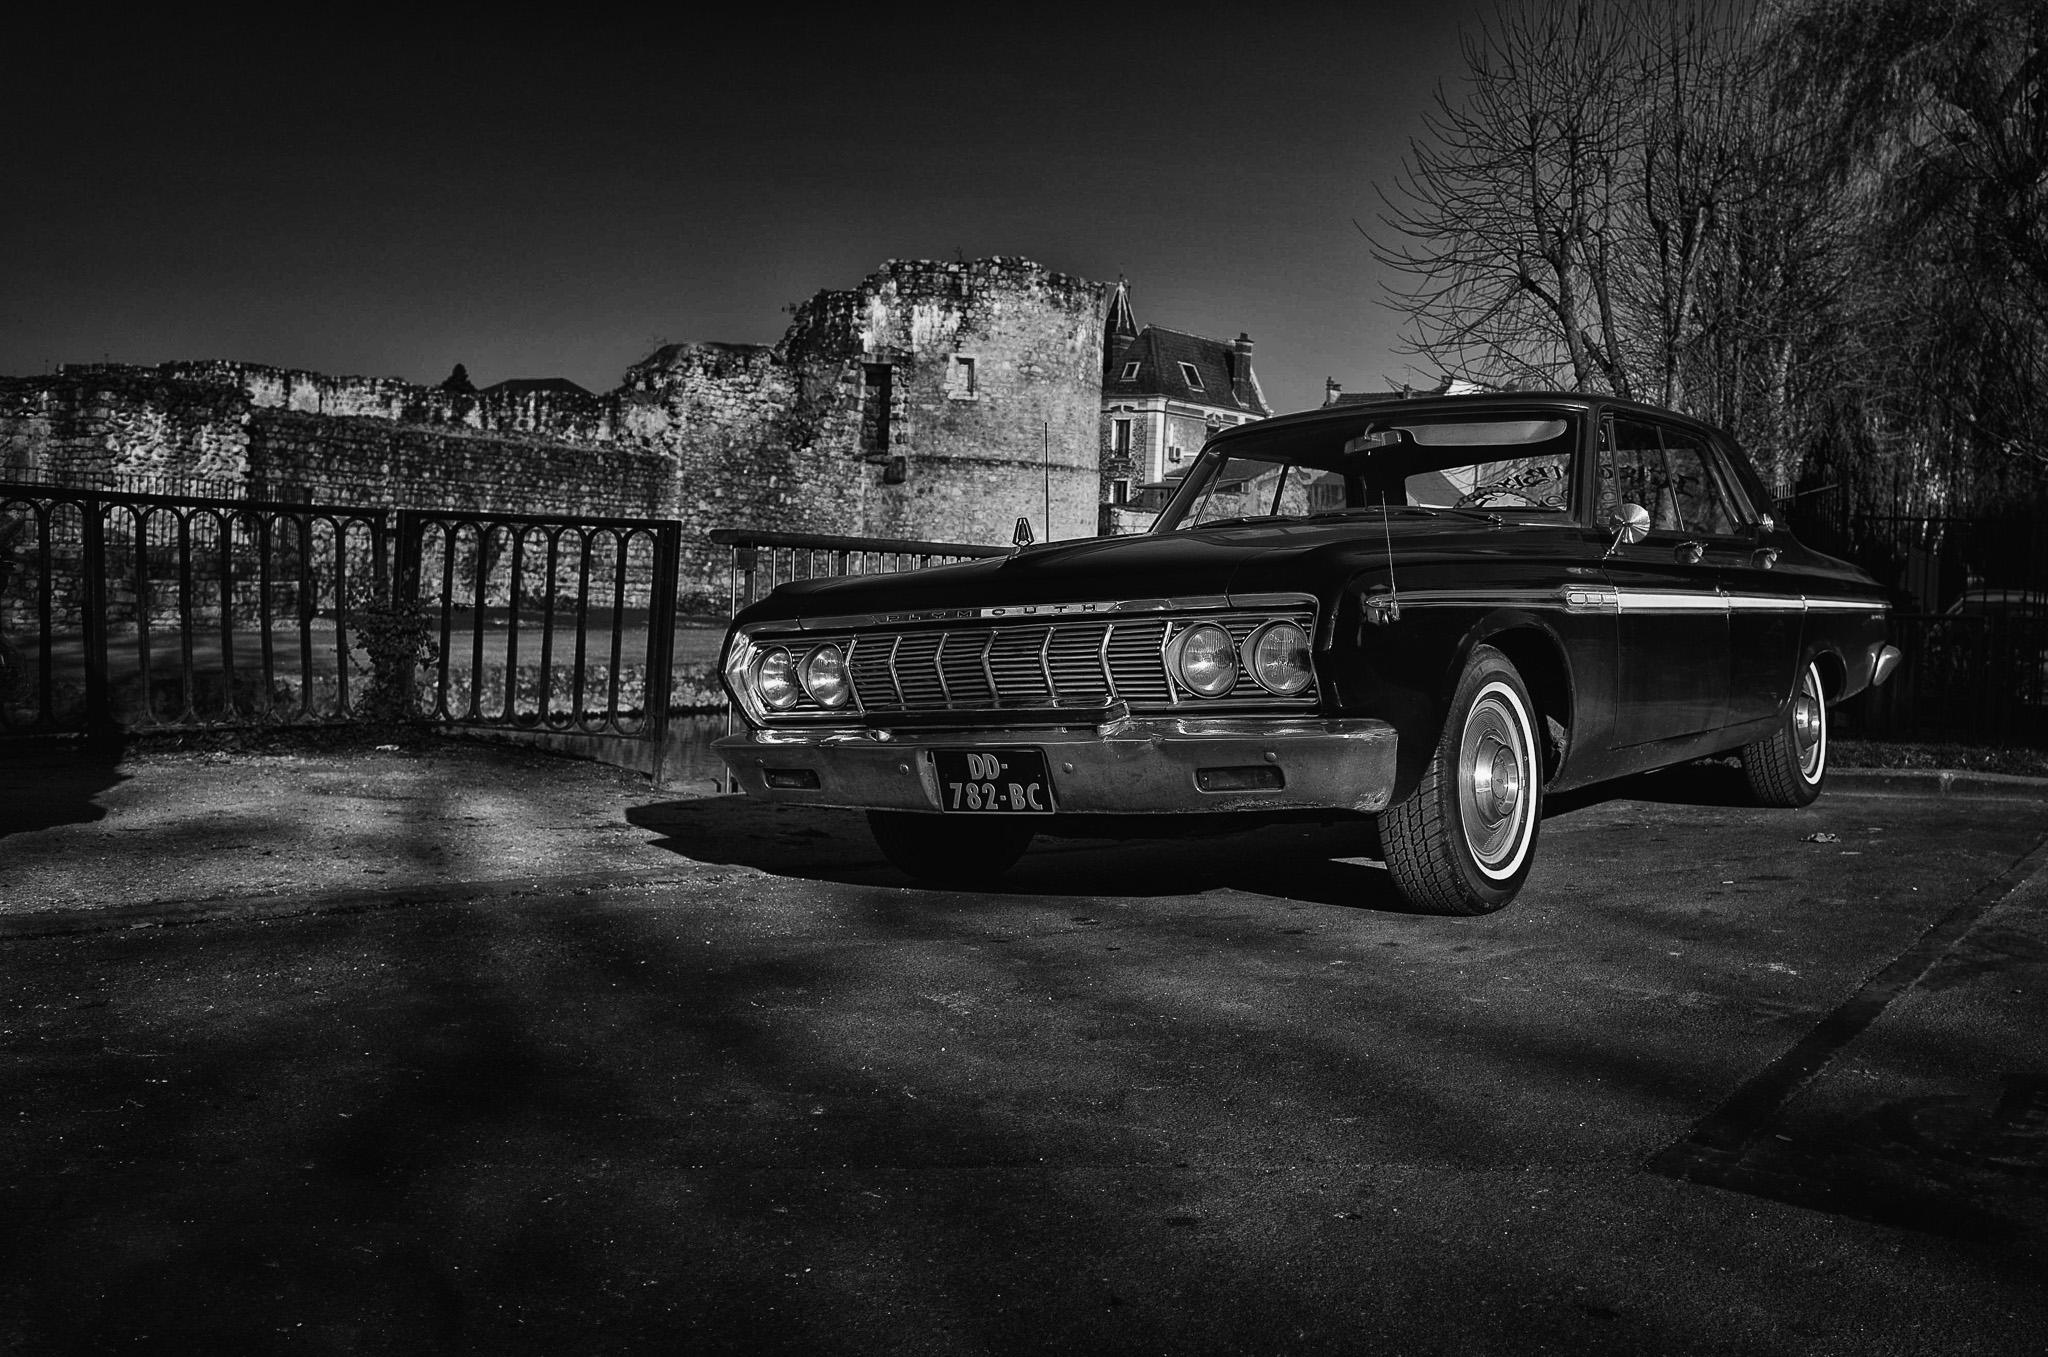 fond d u0026 39  u00e9cran   vieux  monochrome  nuit  v u00e9hicule  la photographie  voiture ancienne  plymouth